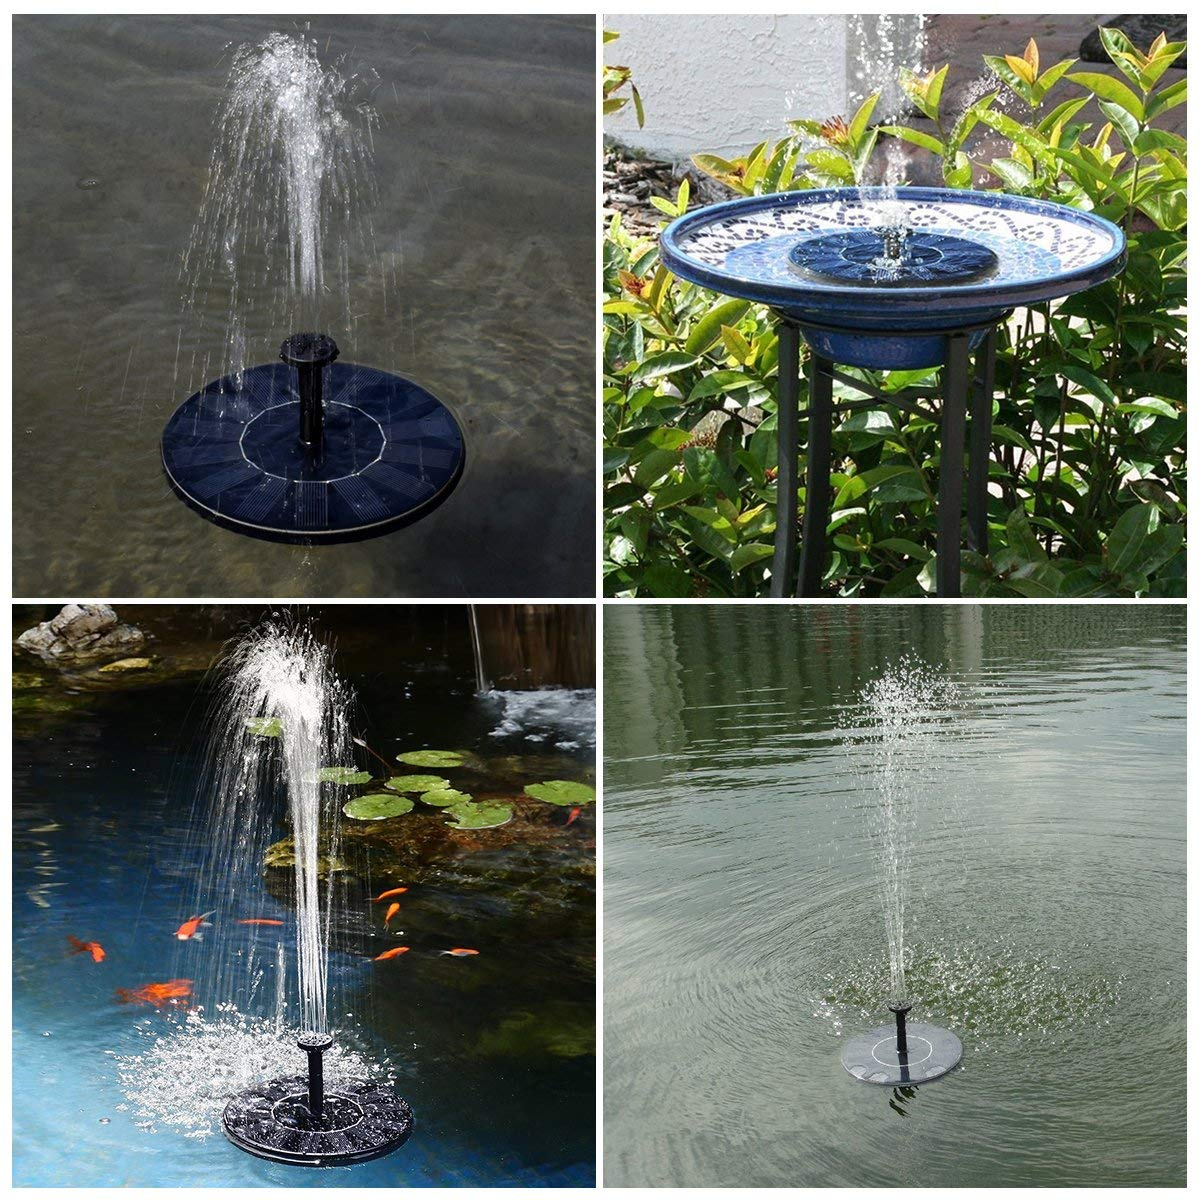 schwimmend solar springbrunnen font ne garten teich schwimmbad pumpe solar pumpe ebay. Black Bedroom Furniture Sets. Home Design Ideas